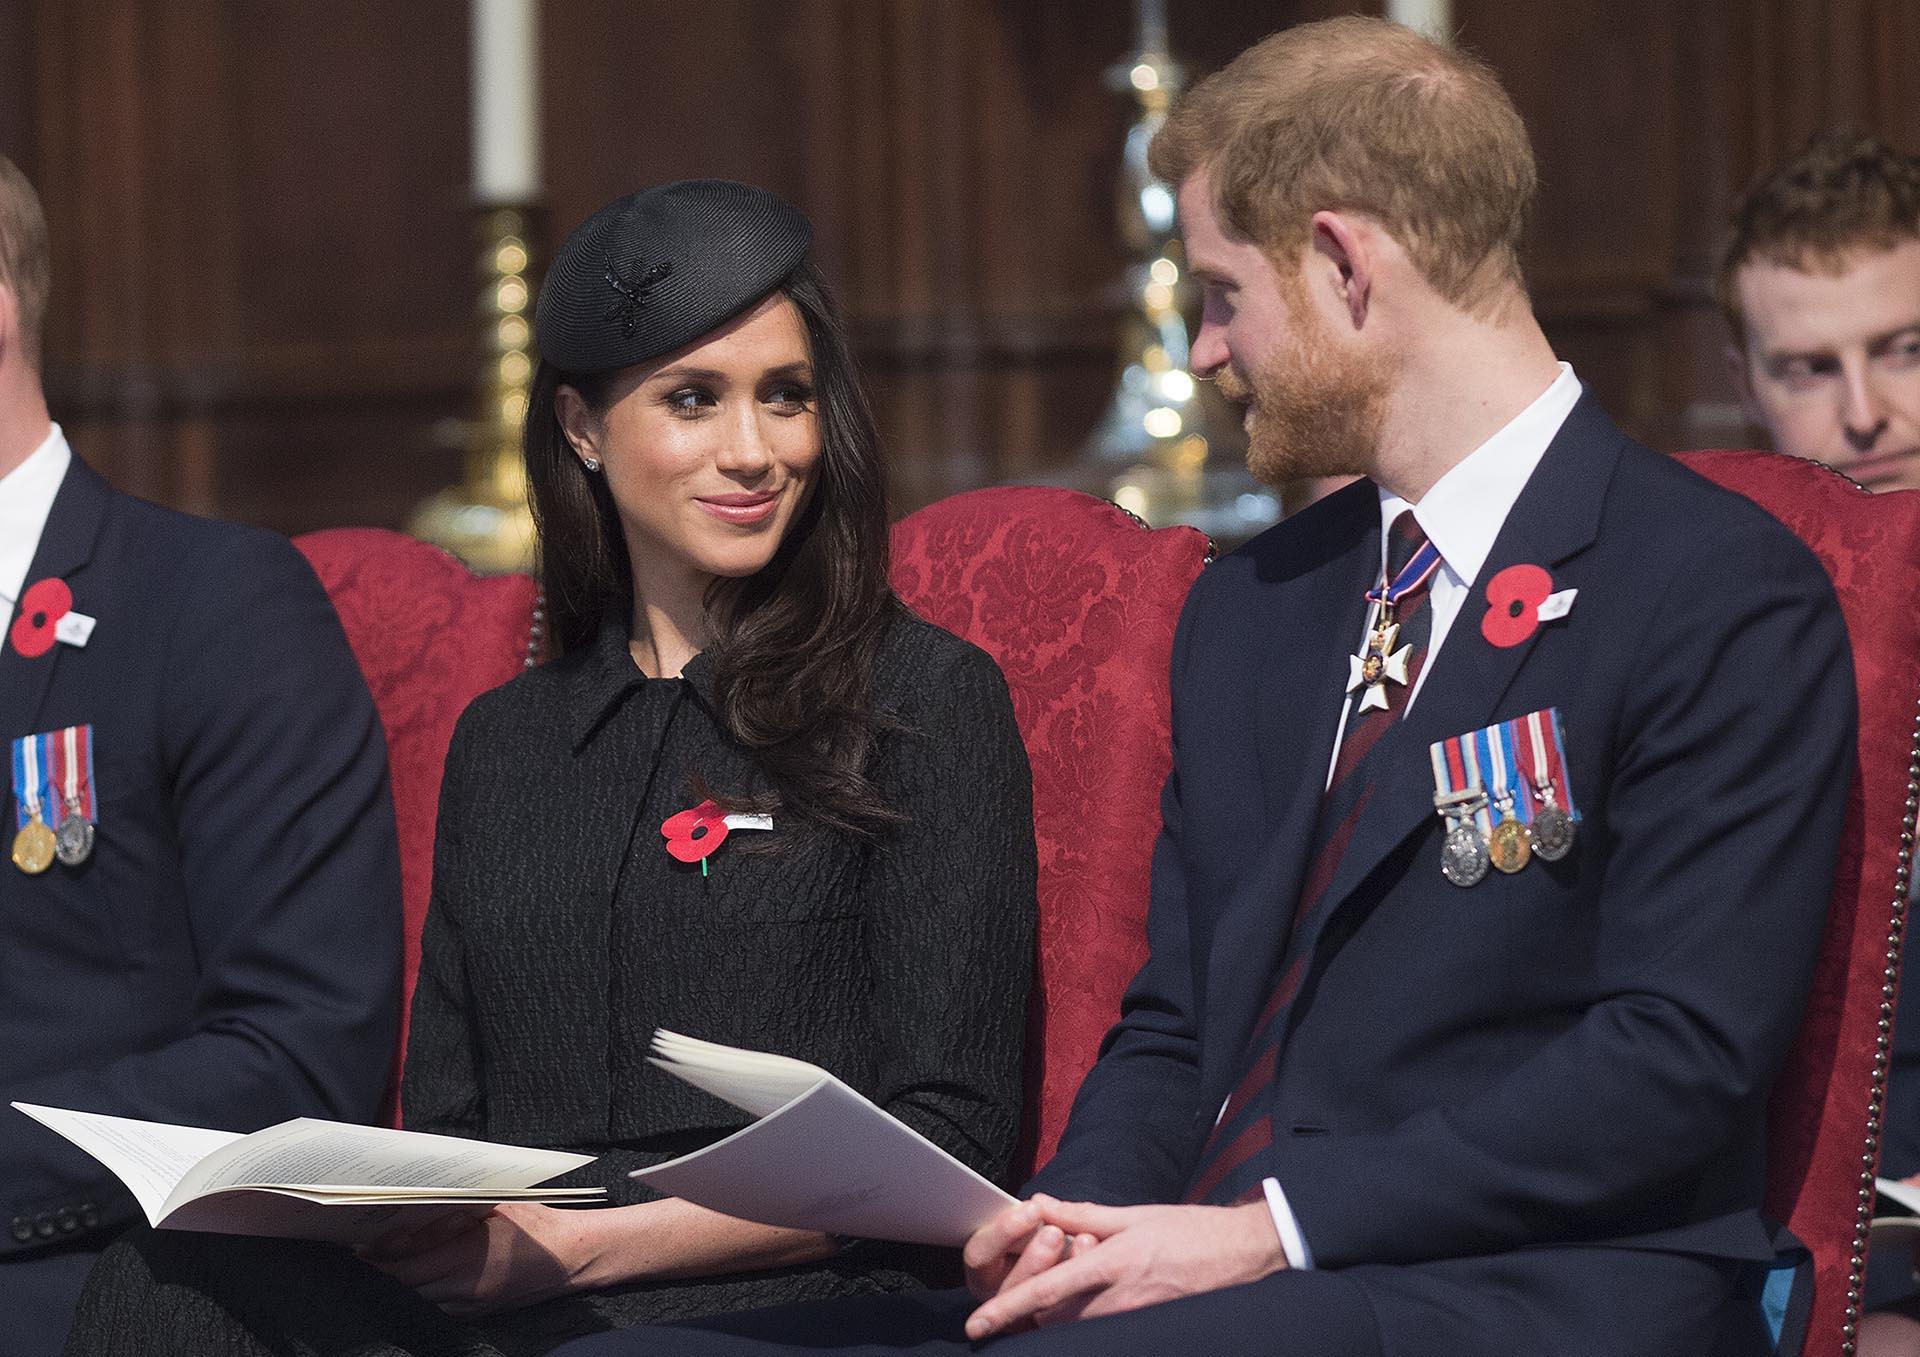 Ya en su rol de futura princesa, Meghan empezó a tomar más protagonismo en la vida pública británica